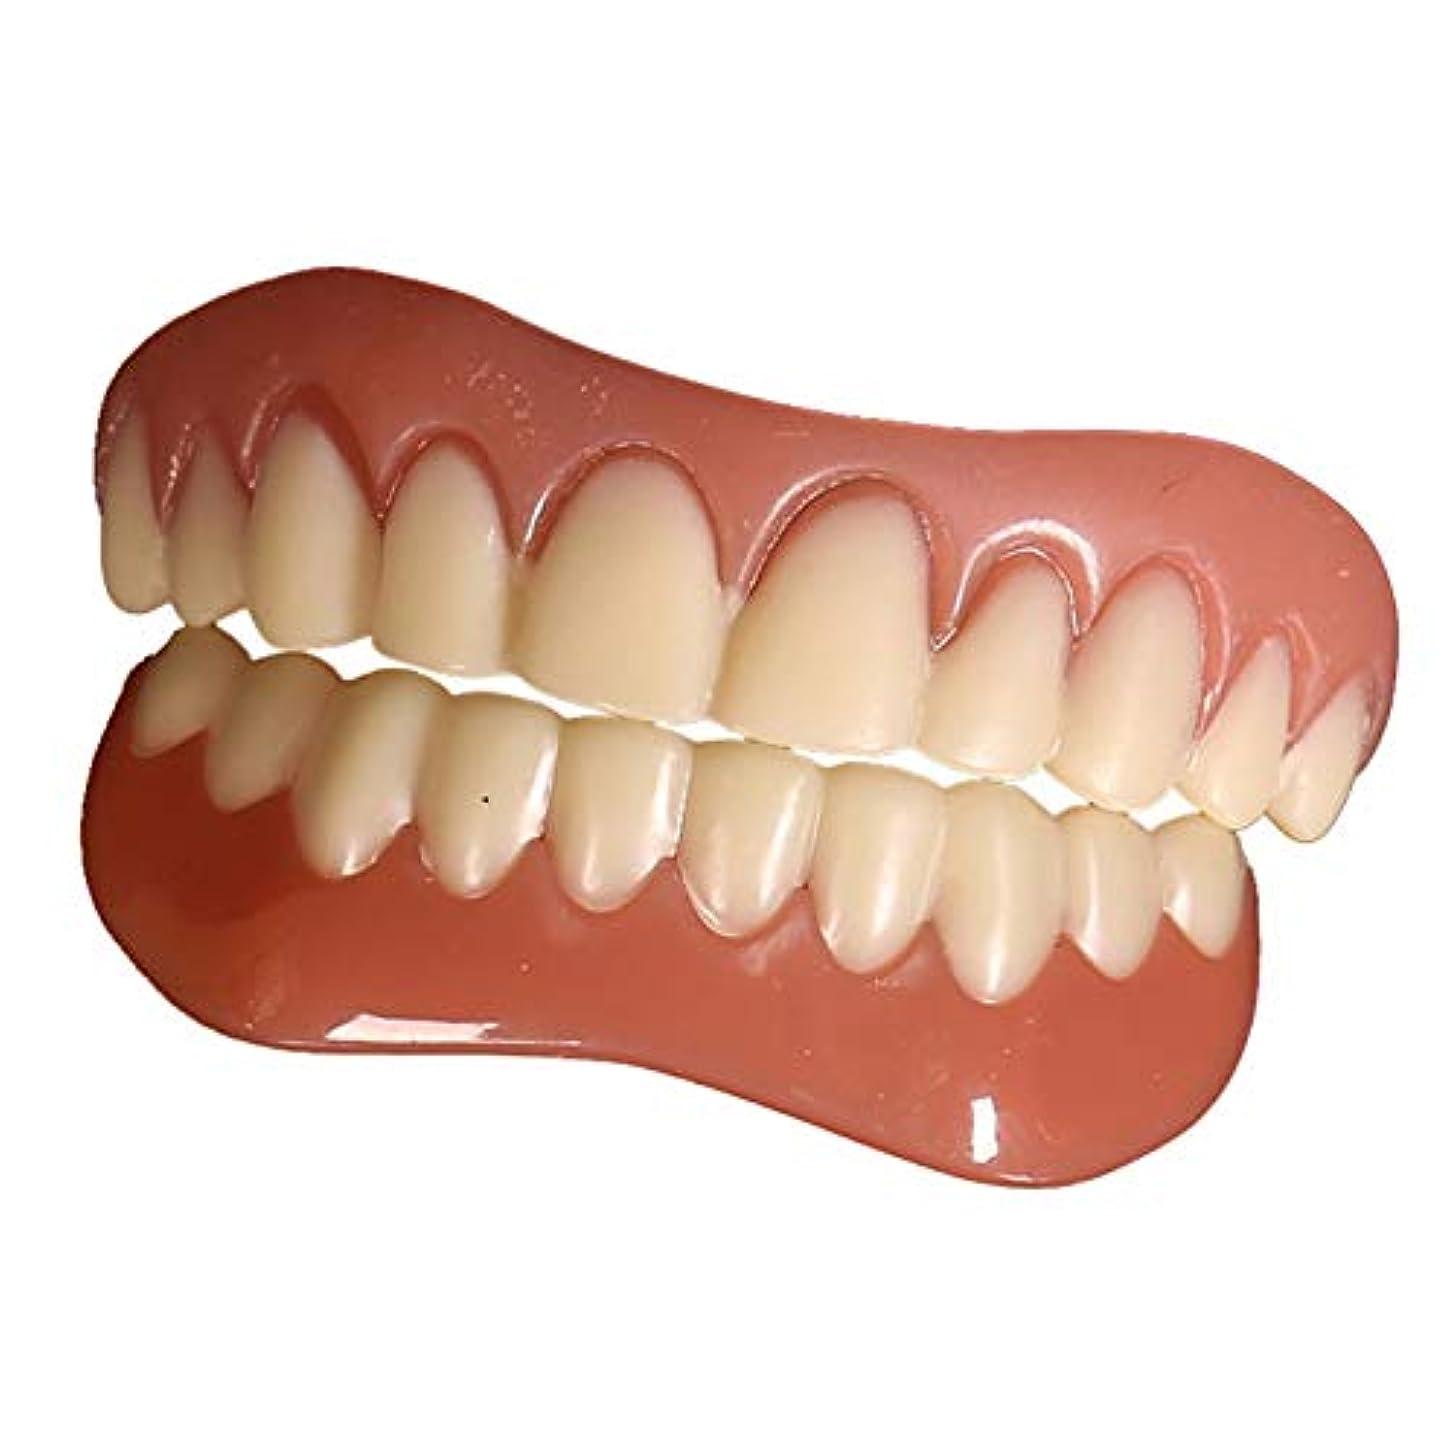 アイドルシャンパンスーパーシリコーン歯突き板ホワイトニングパーフェクトスマイルコンフォートフィットフレックス歯トップトゥース化粧品突き板ワンサイズフィットすべて - 2個